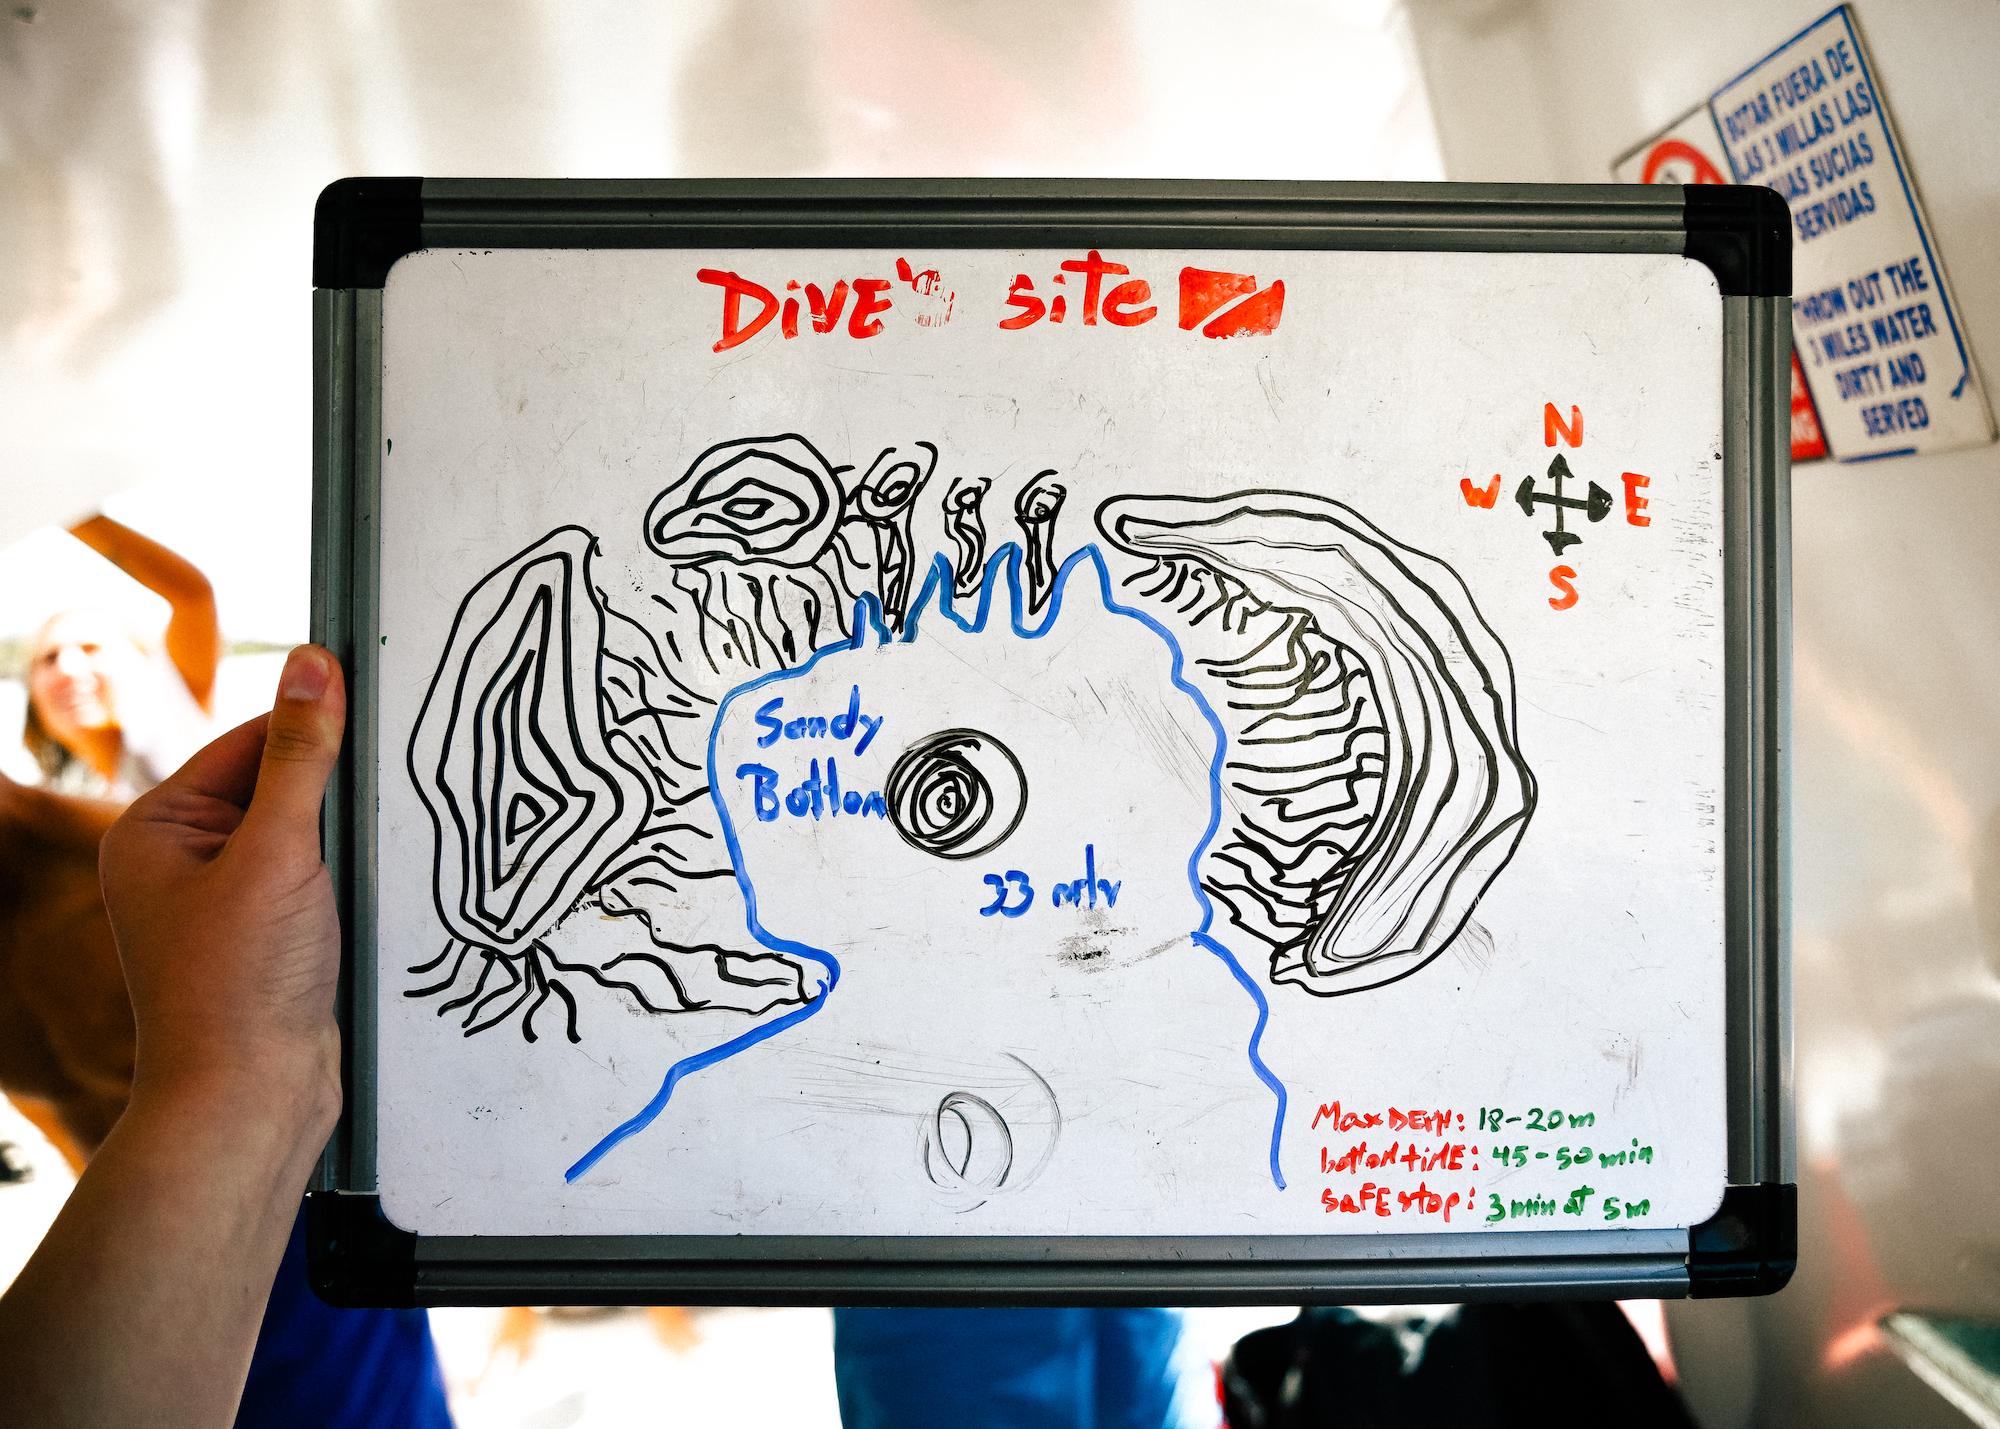 gordon's rock dive site map